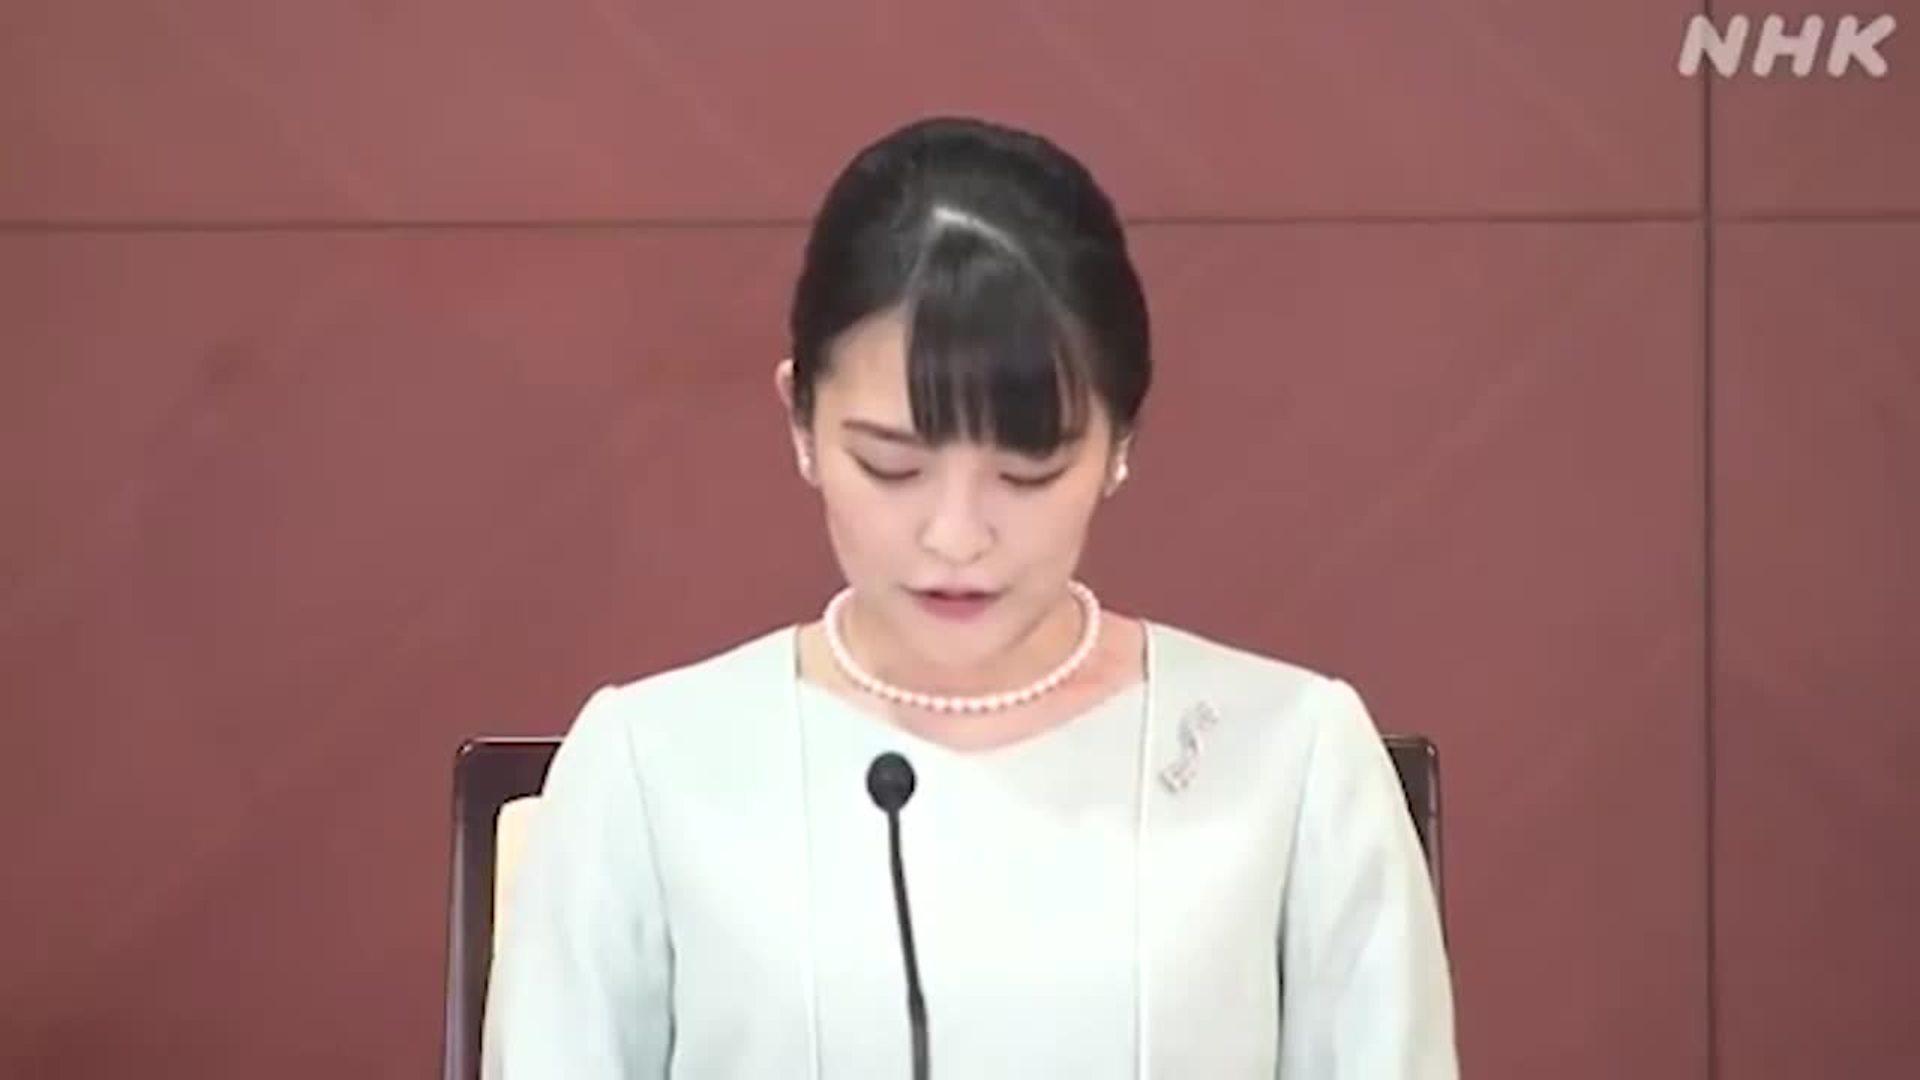 La princesa Mako se casa y deja de formar parte de la familia imperial